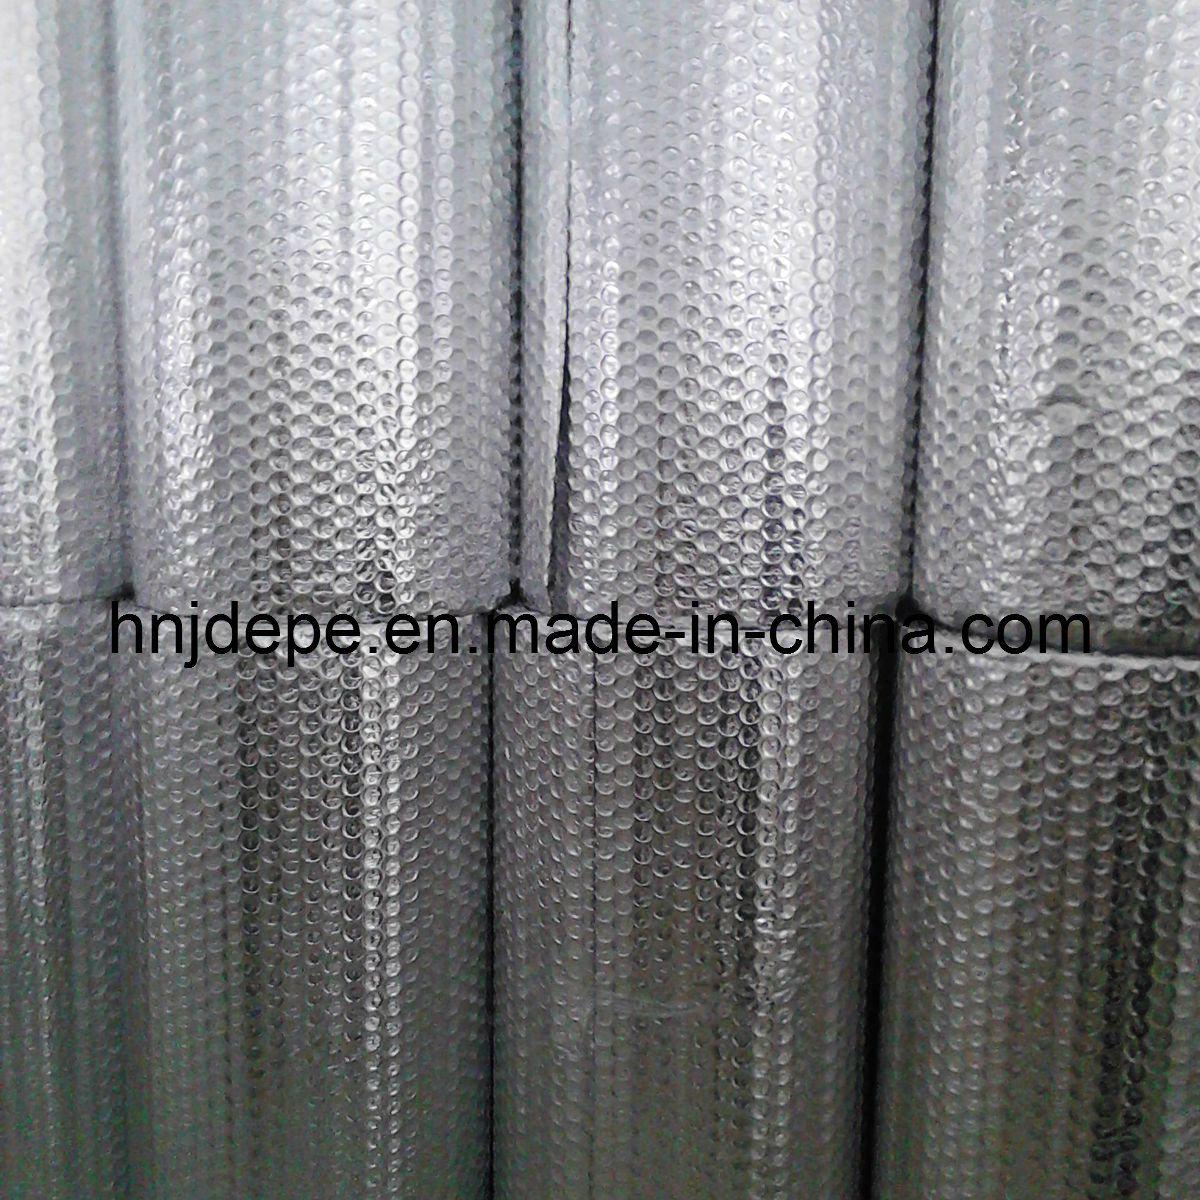 bruit de bulle de papier d 39 aluminium et isolation thermique jdac03 bruit de bulle de papier d. Black Bedroom Furniture Sets. Home Design Ideas